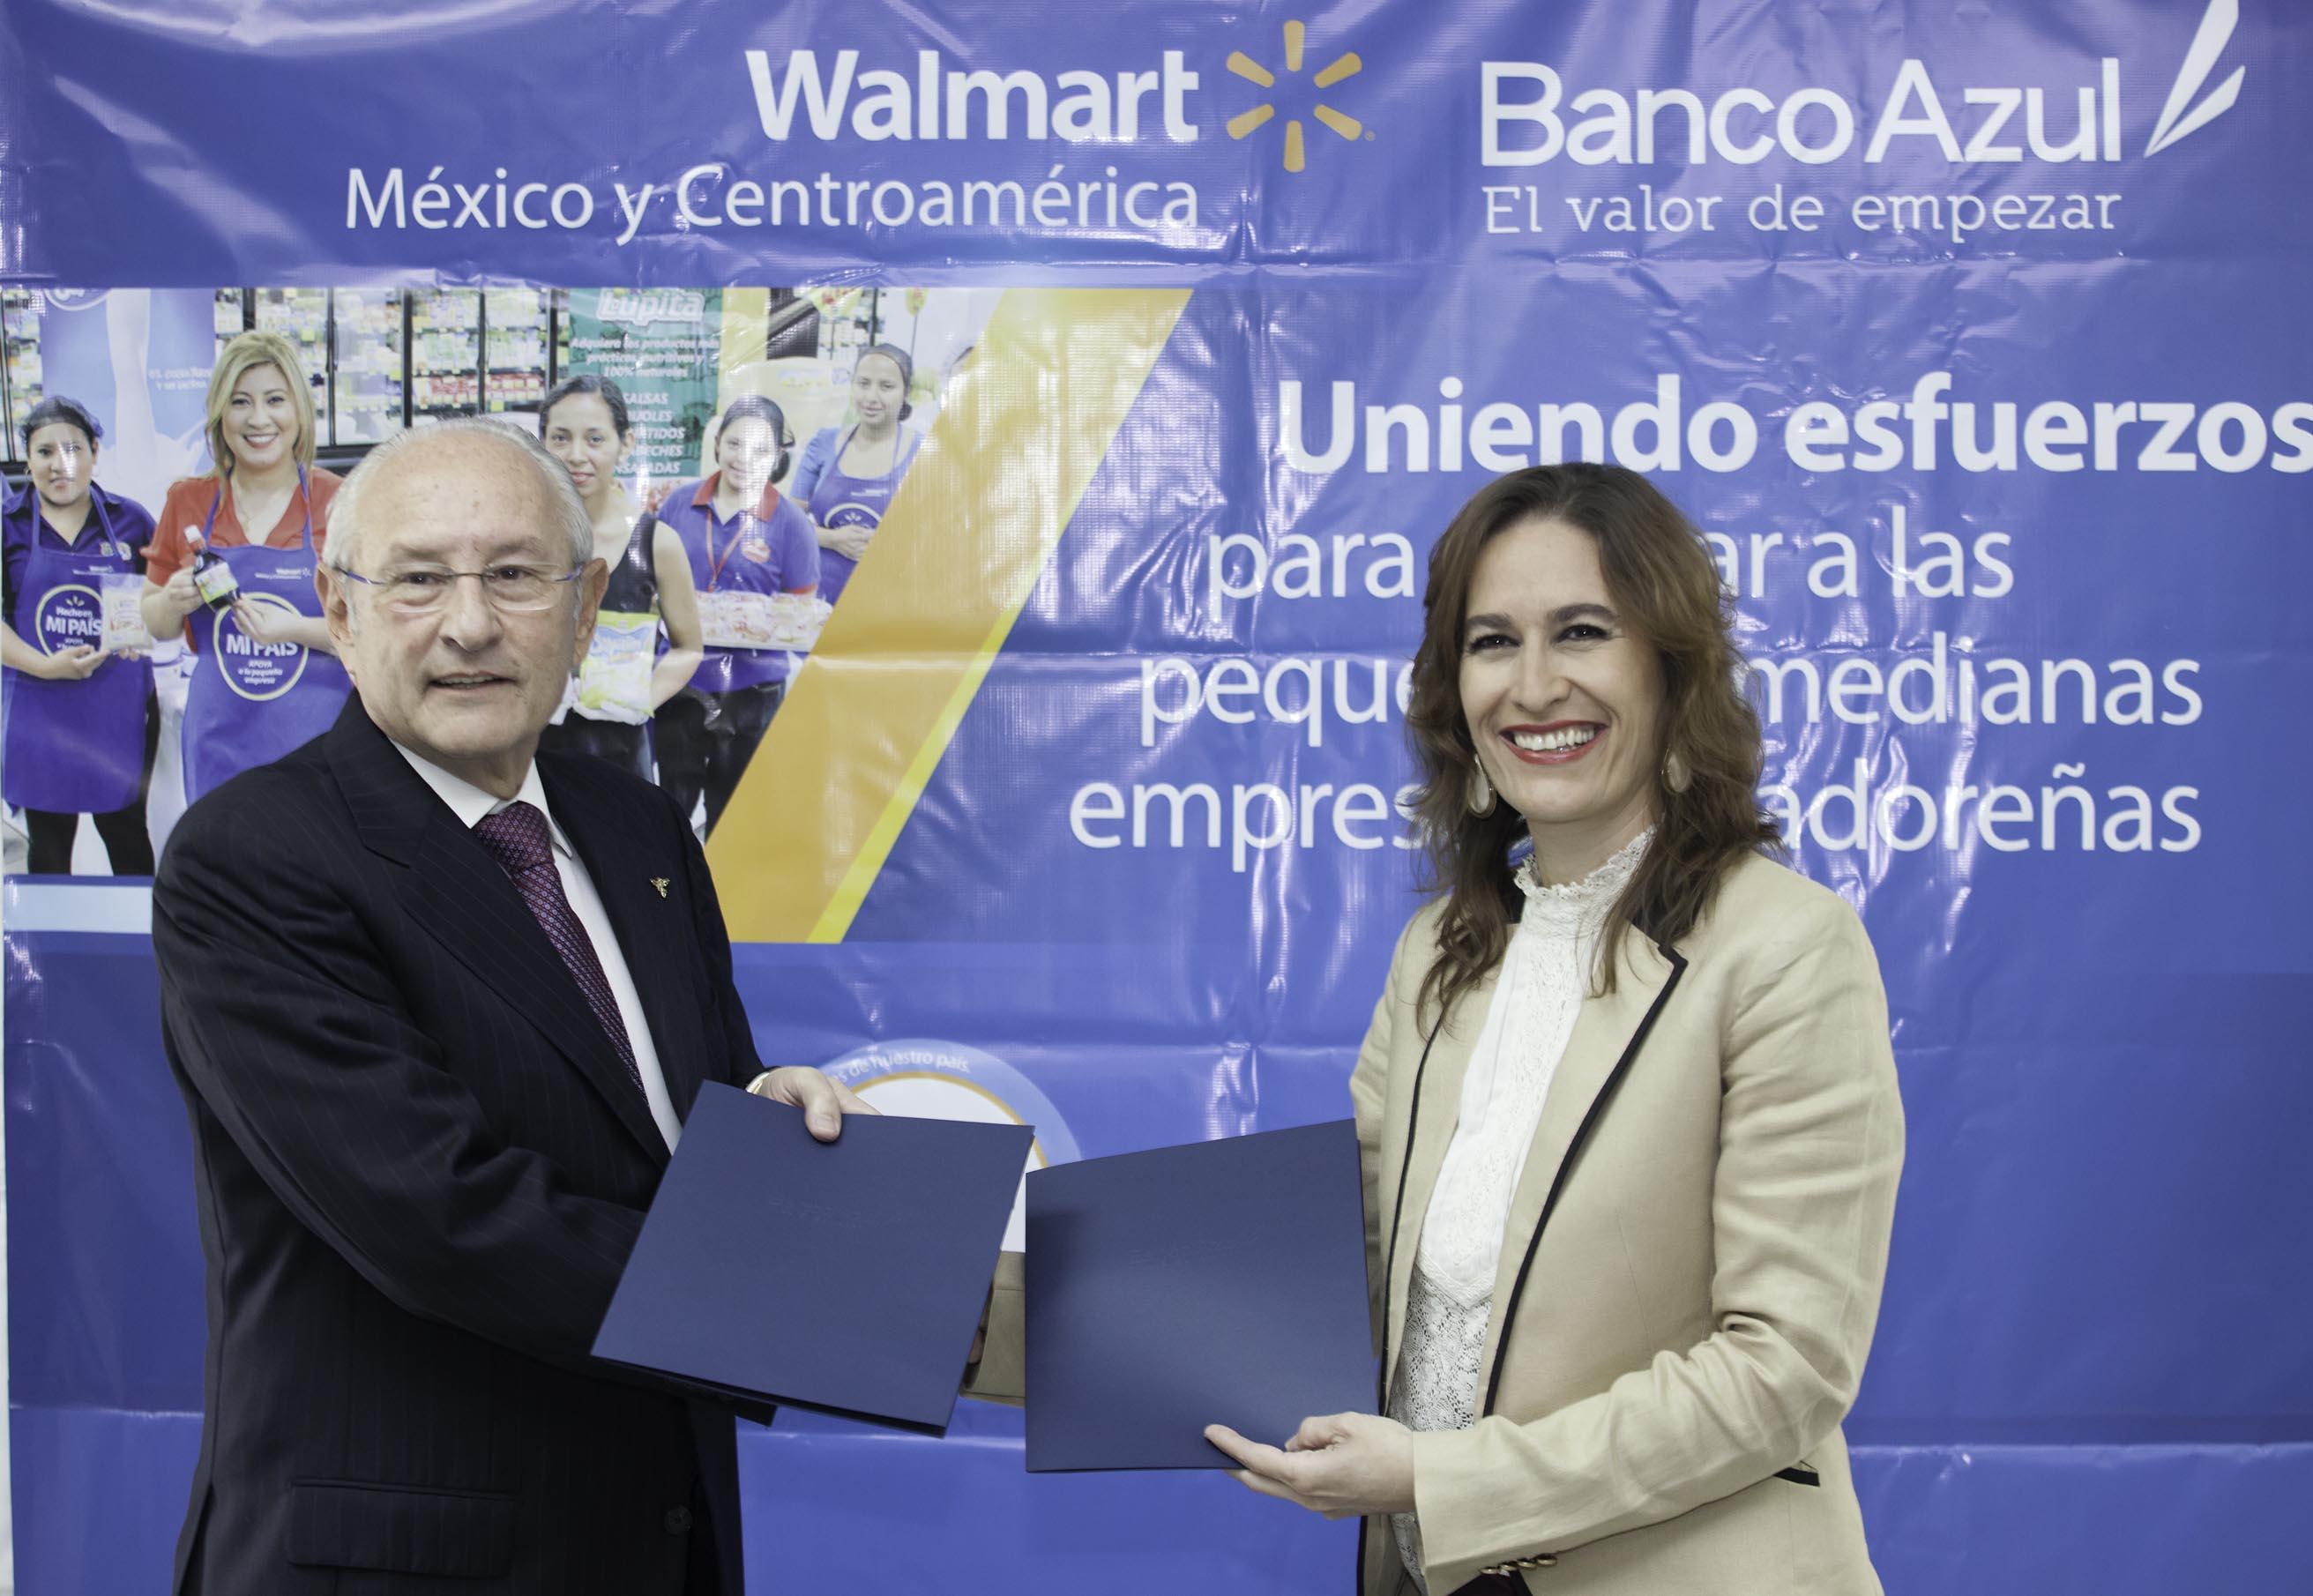 Walmart El Salvador y Banco Azul firman convenio de cooperación  en beneficio de las Pymes salvadoreñas